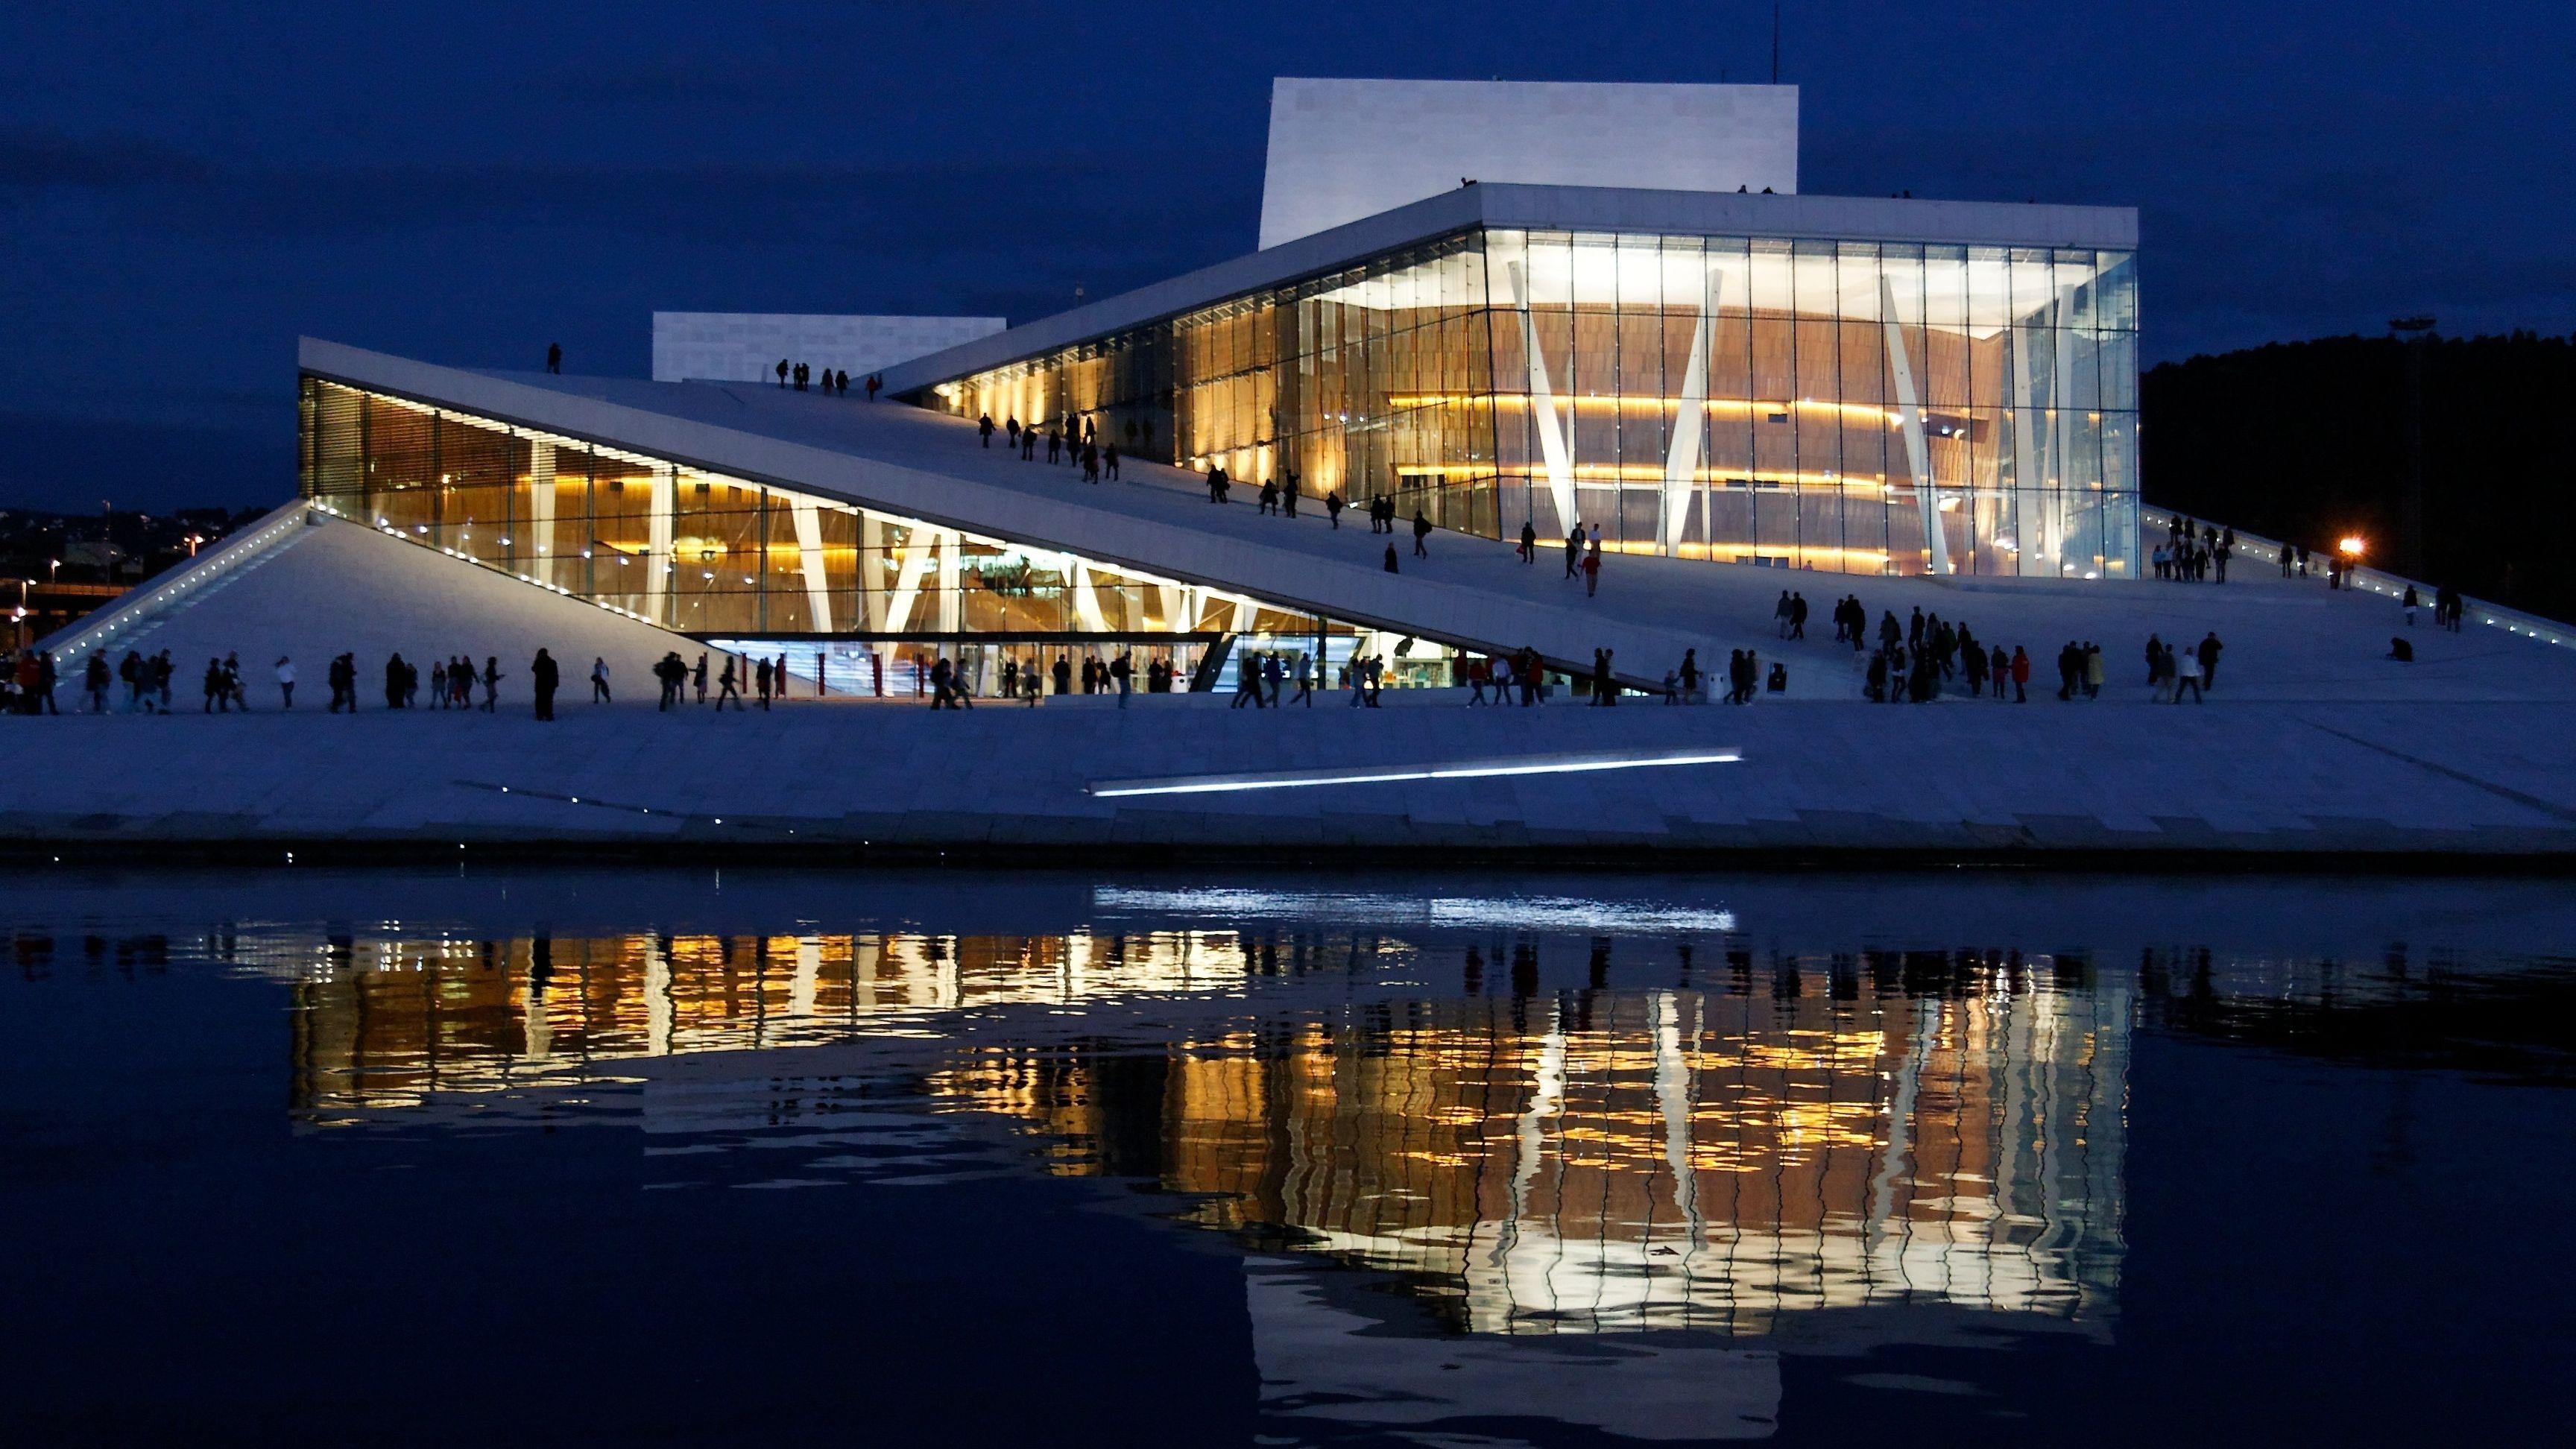 Snohetta's Design for the Oslo Opera House